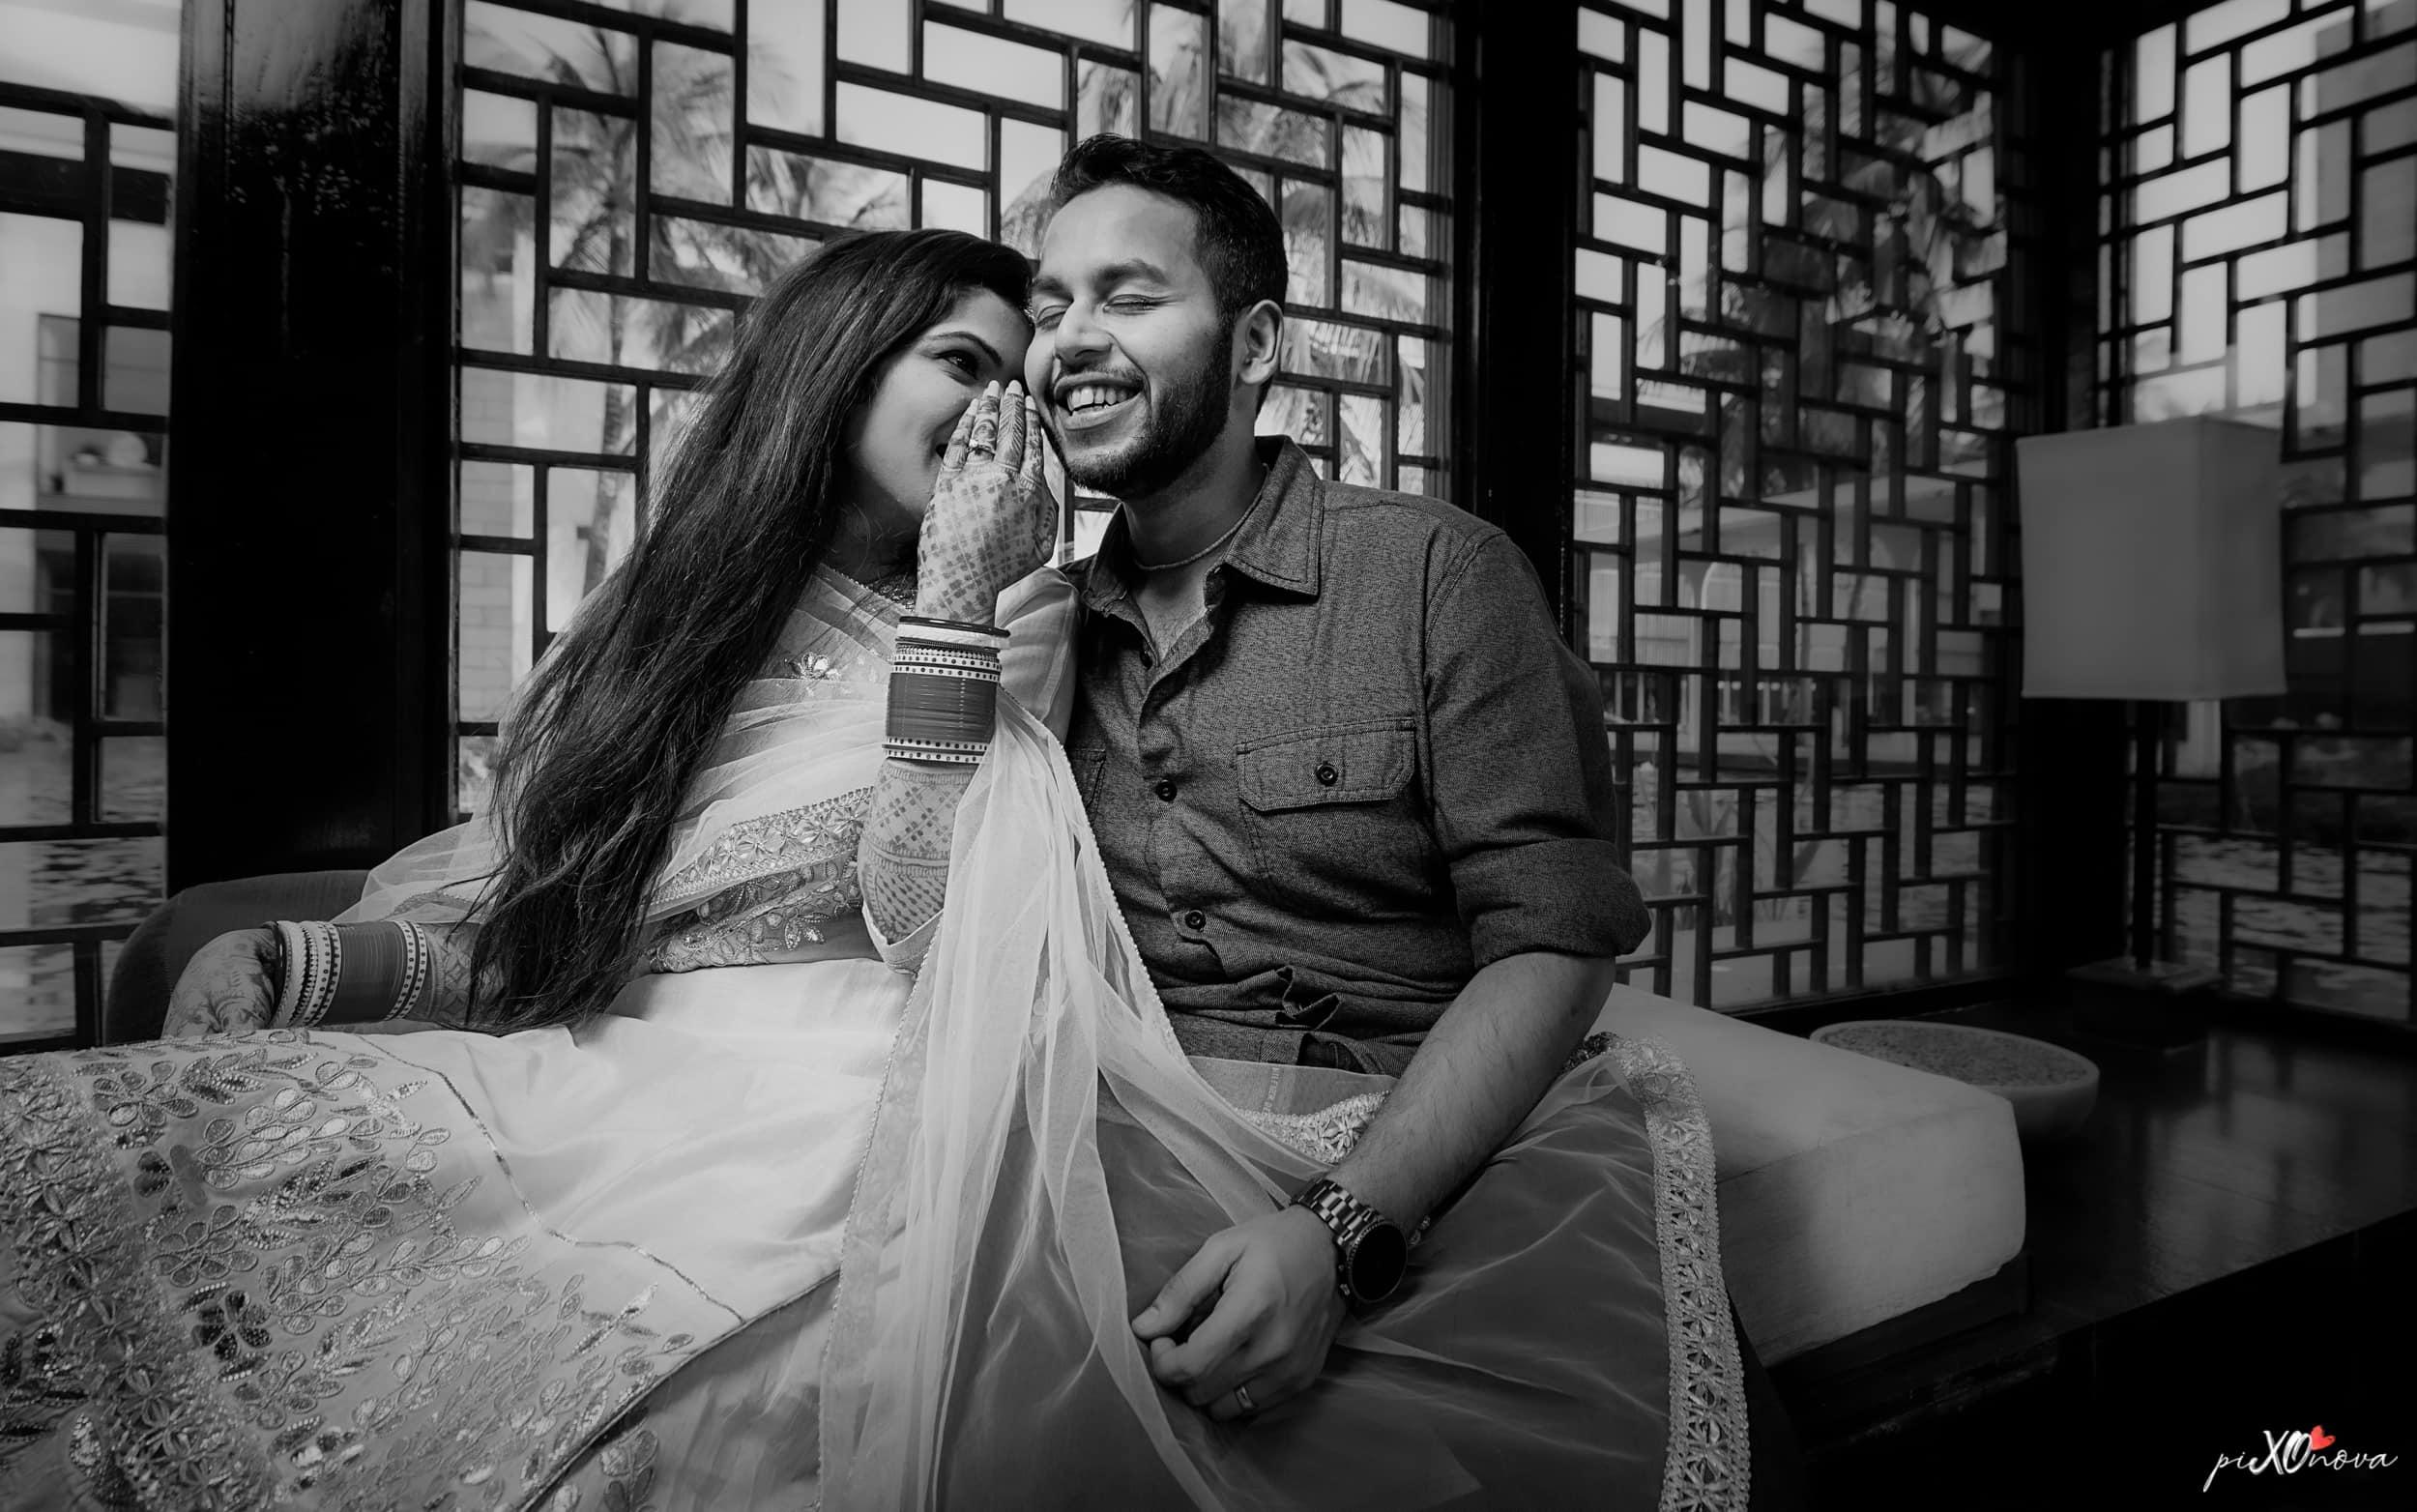 Pixonova: Best Wedding Photographers Kolkata, Delhi India - 11 - Pixonova